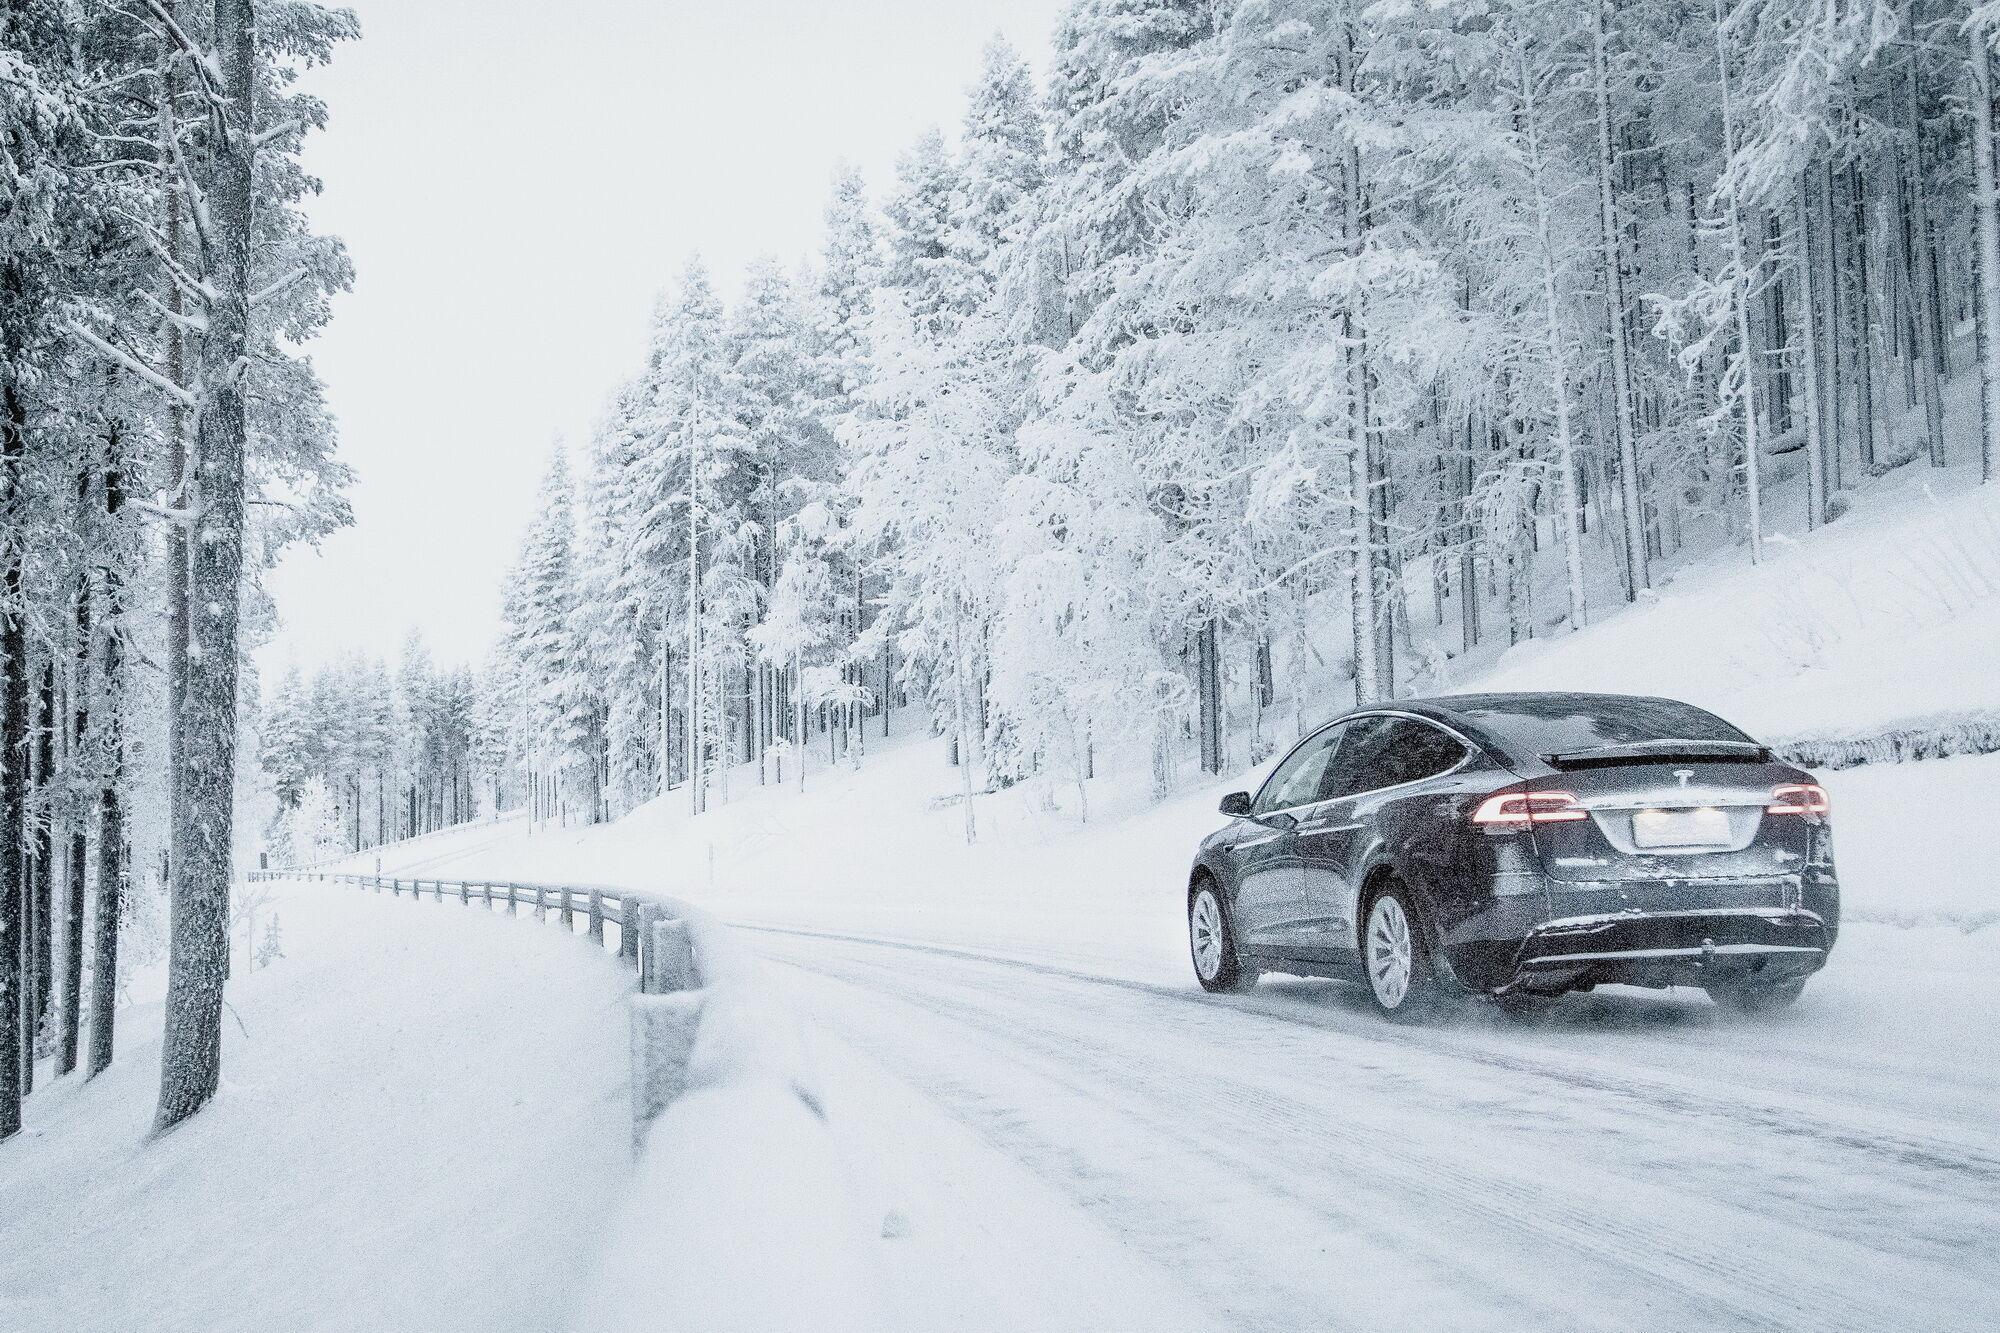 Специально для владельцев внедорожников и тяжелых кроссоверов компания Nokian Tyres предлагает фрикционные зимние шины с более прочной конструкцией и усиленными боковинами